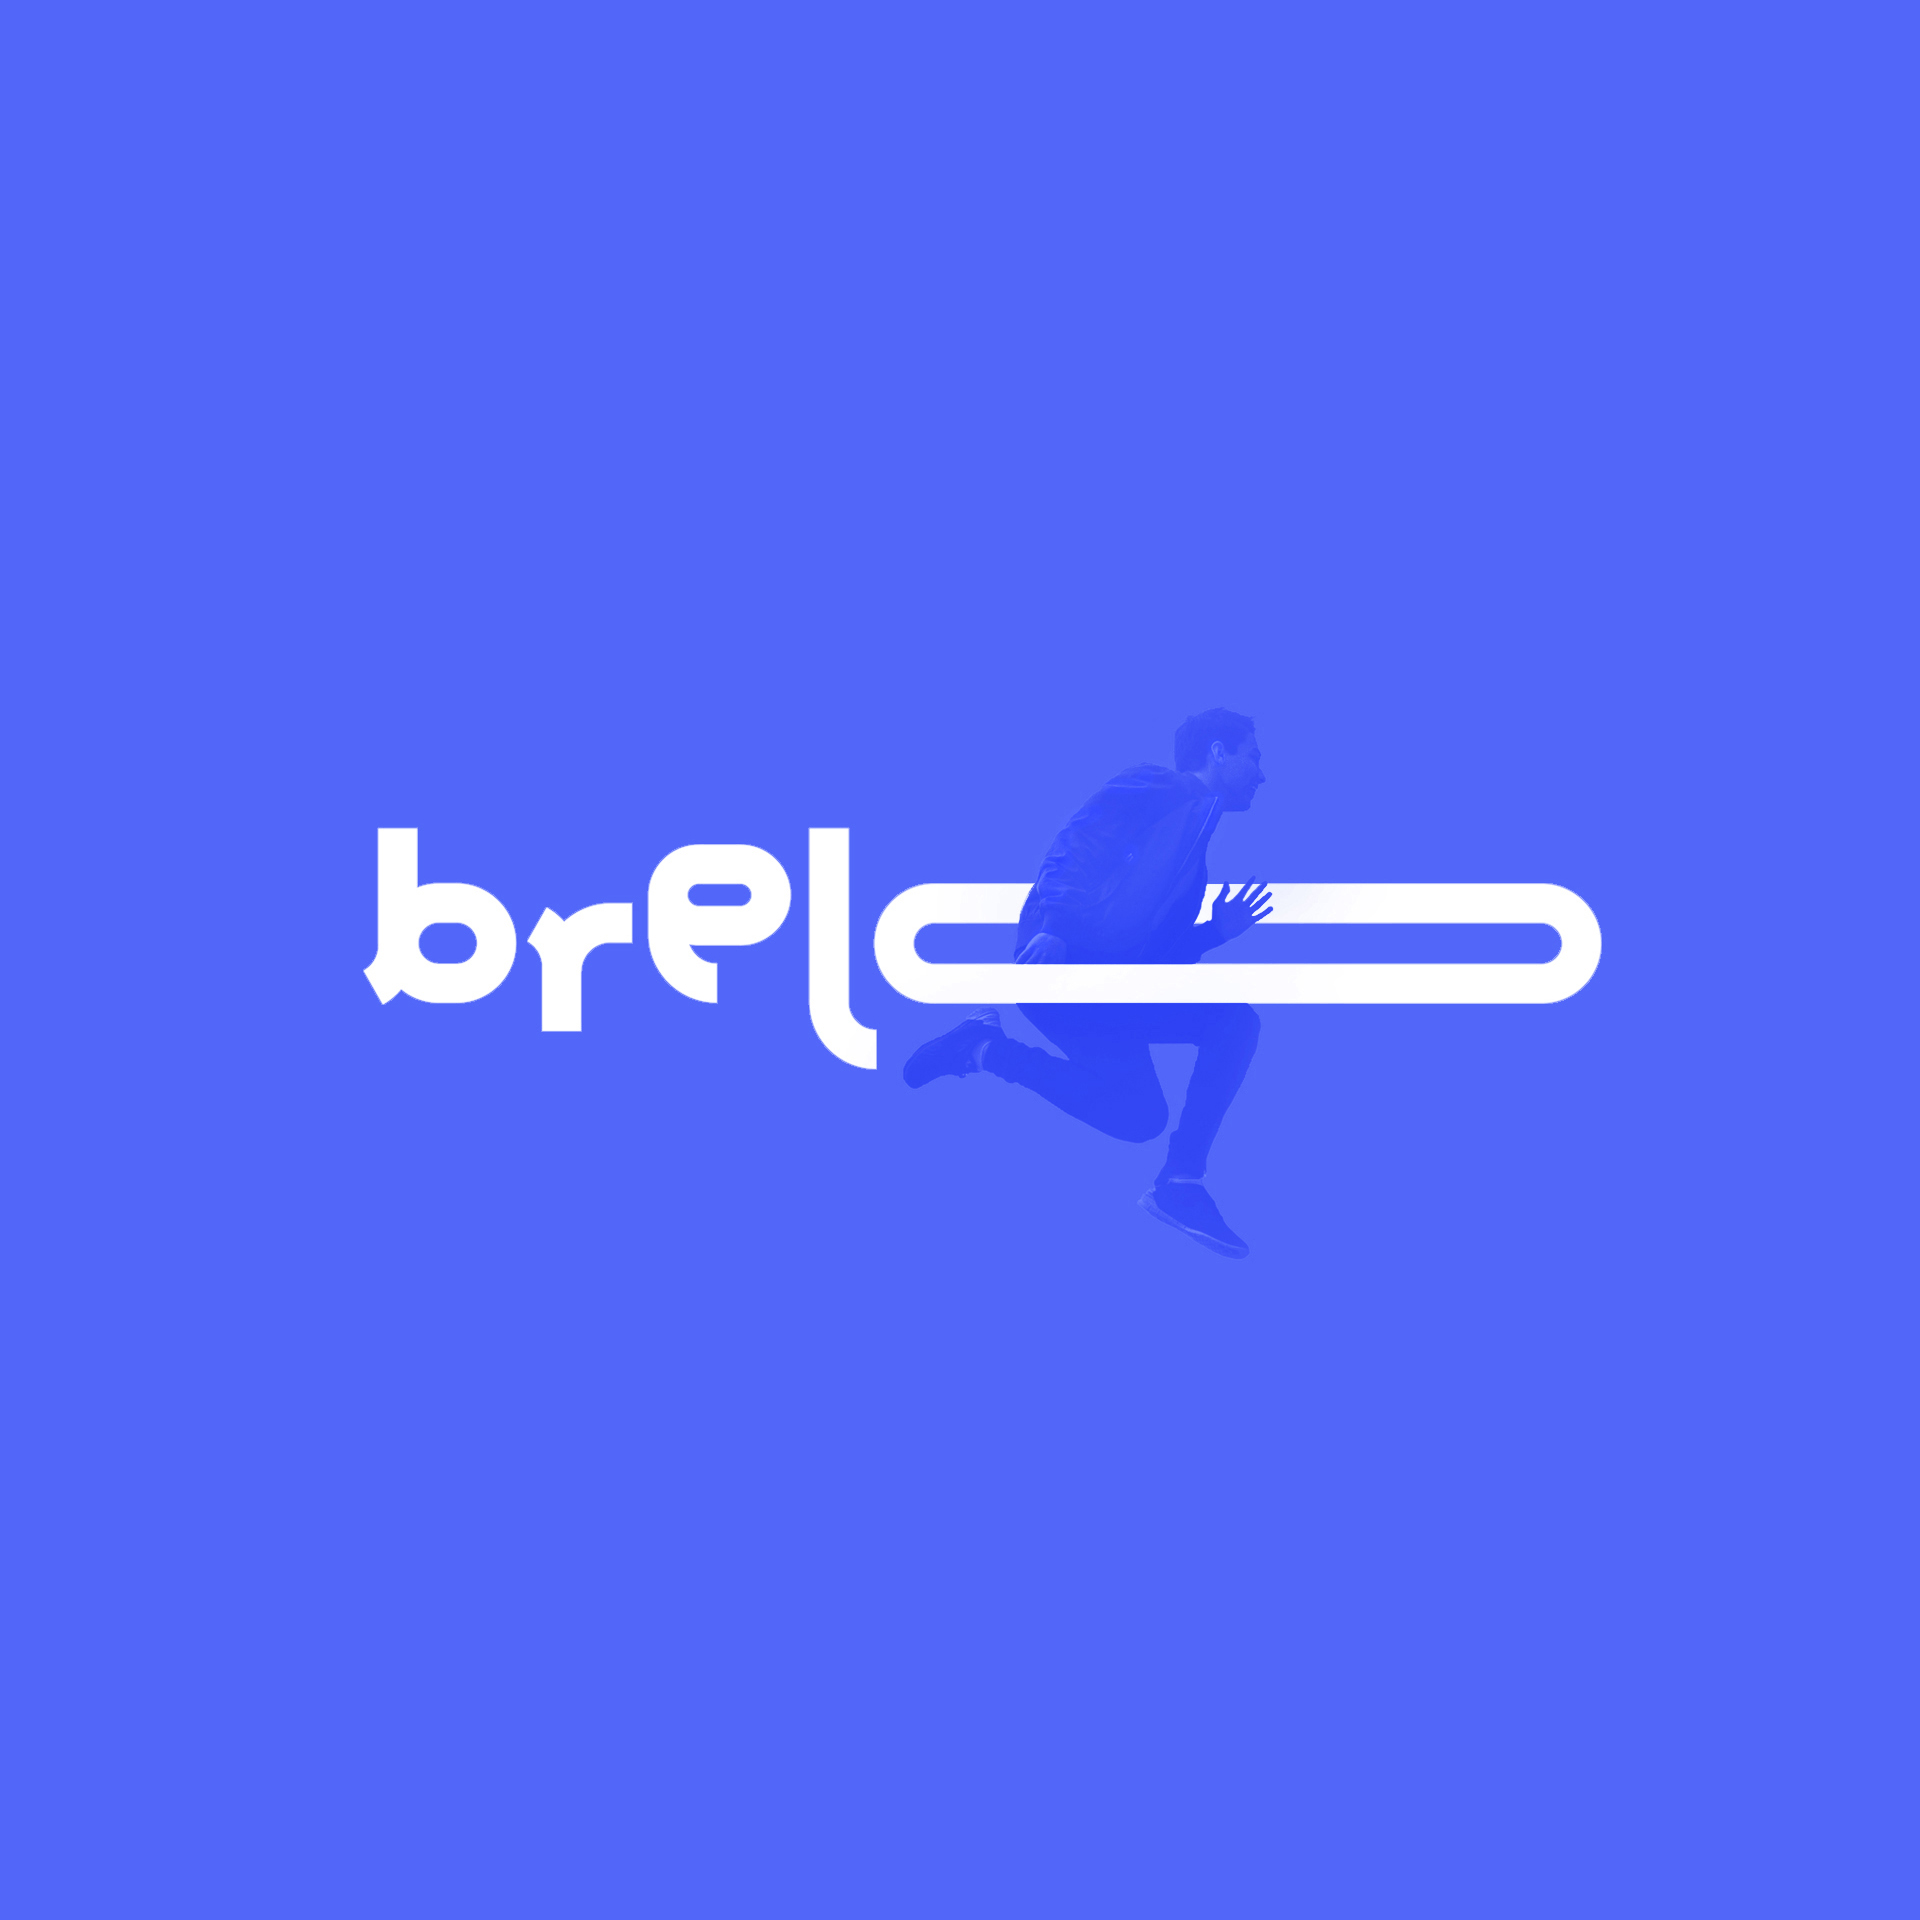 New Branding for Brelo, an Innovative Brazilian App